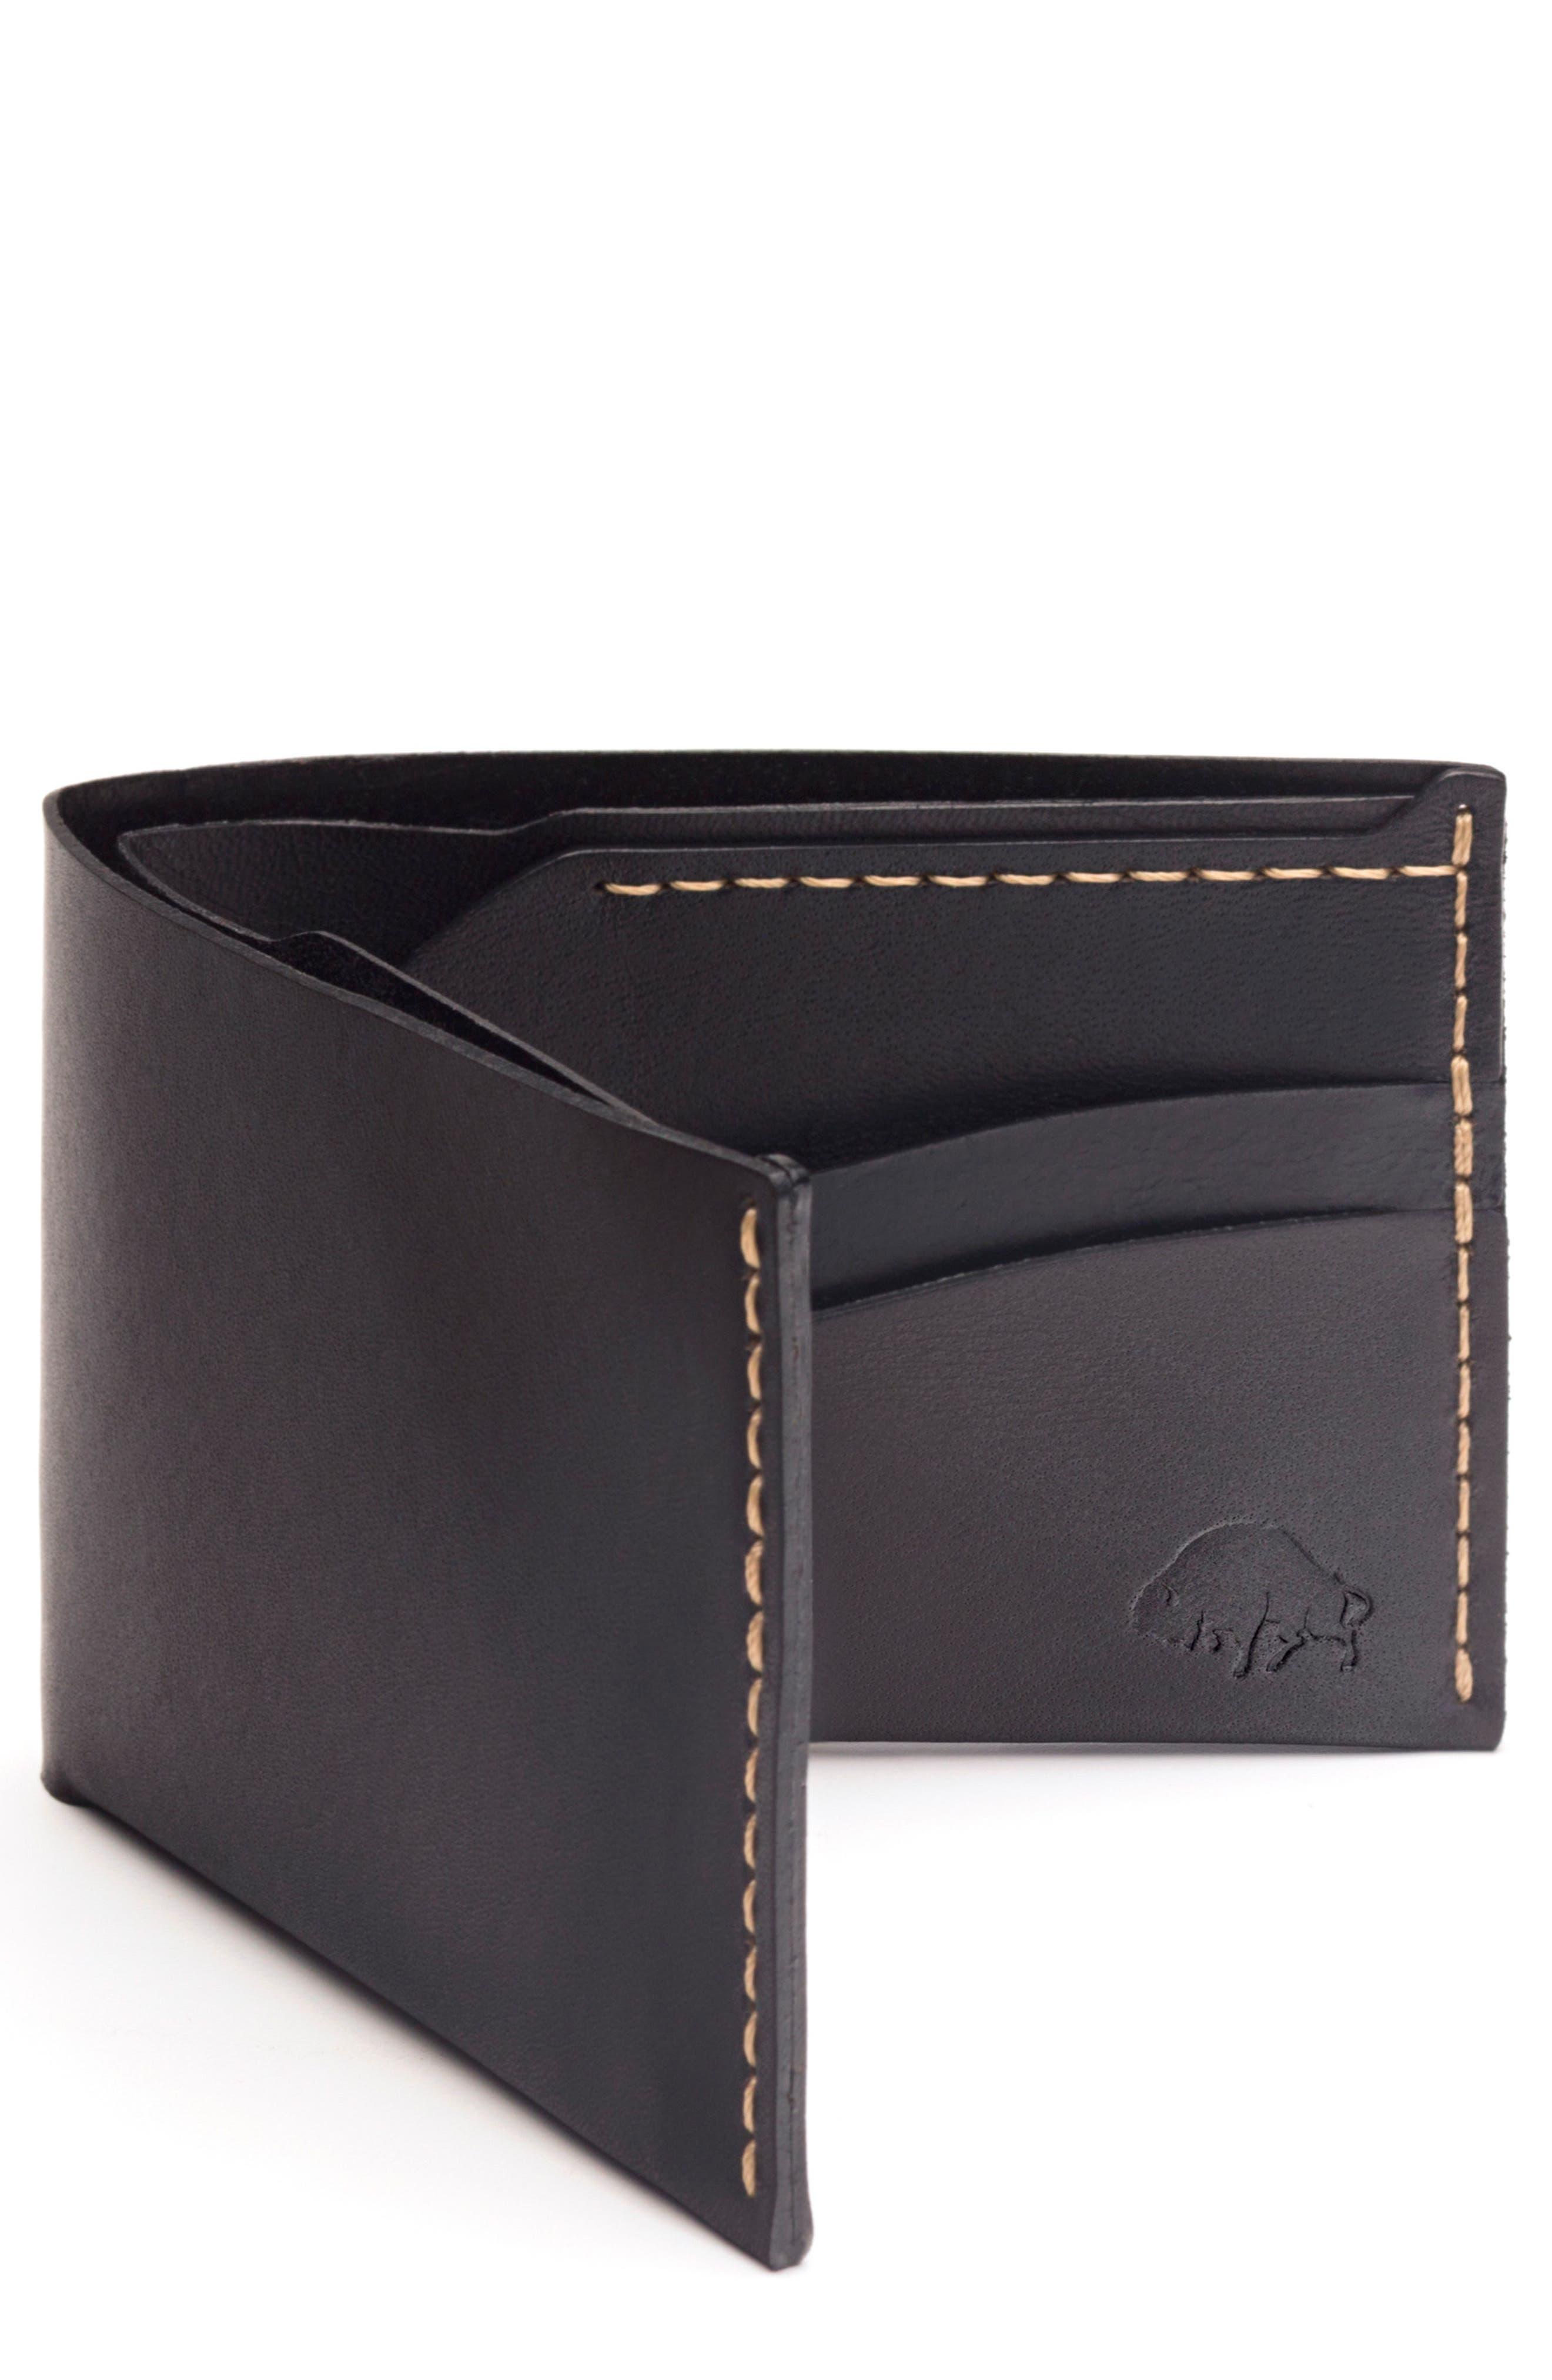 EZRA ARTHUR No. 6 Leather Wallet, Main, color, JET TOP STITCH